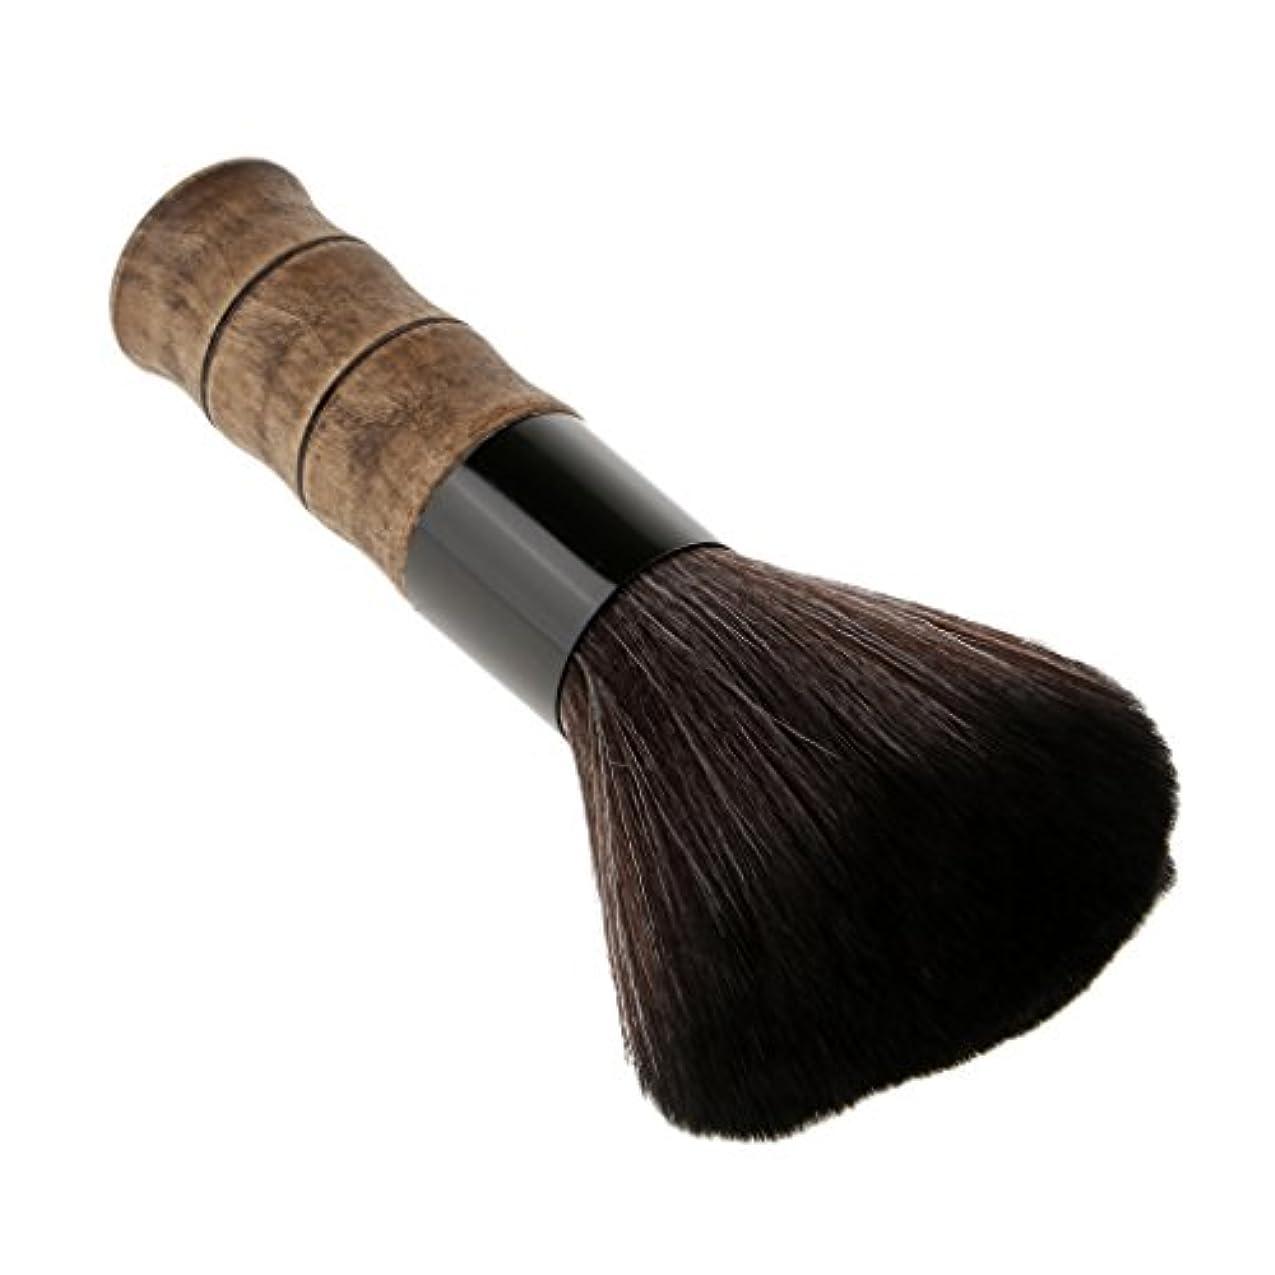 可能性義務的現像DYNWAVE ソフトファイバー脱毛シェービングブラシブラッシュルーズパウダーメイクブラシ竹 - ブラック